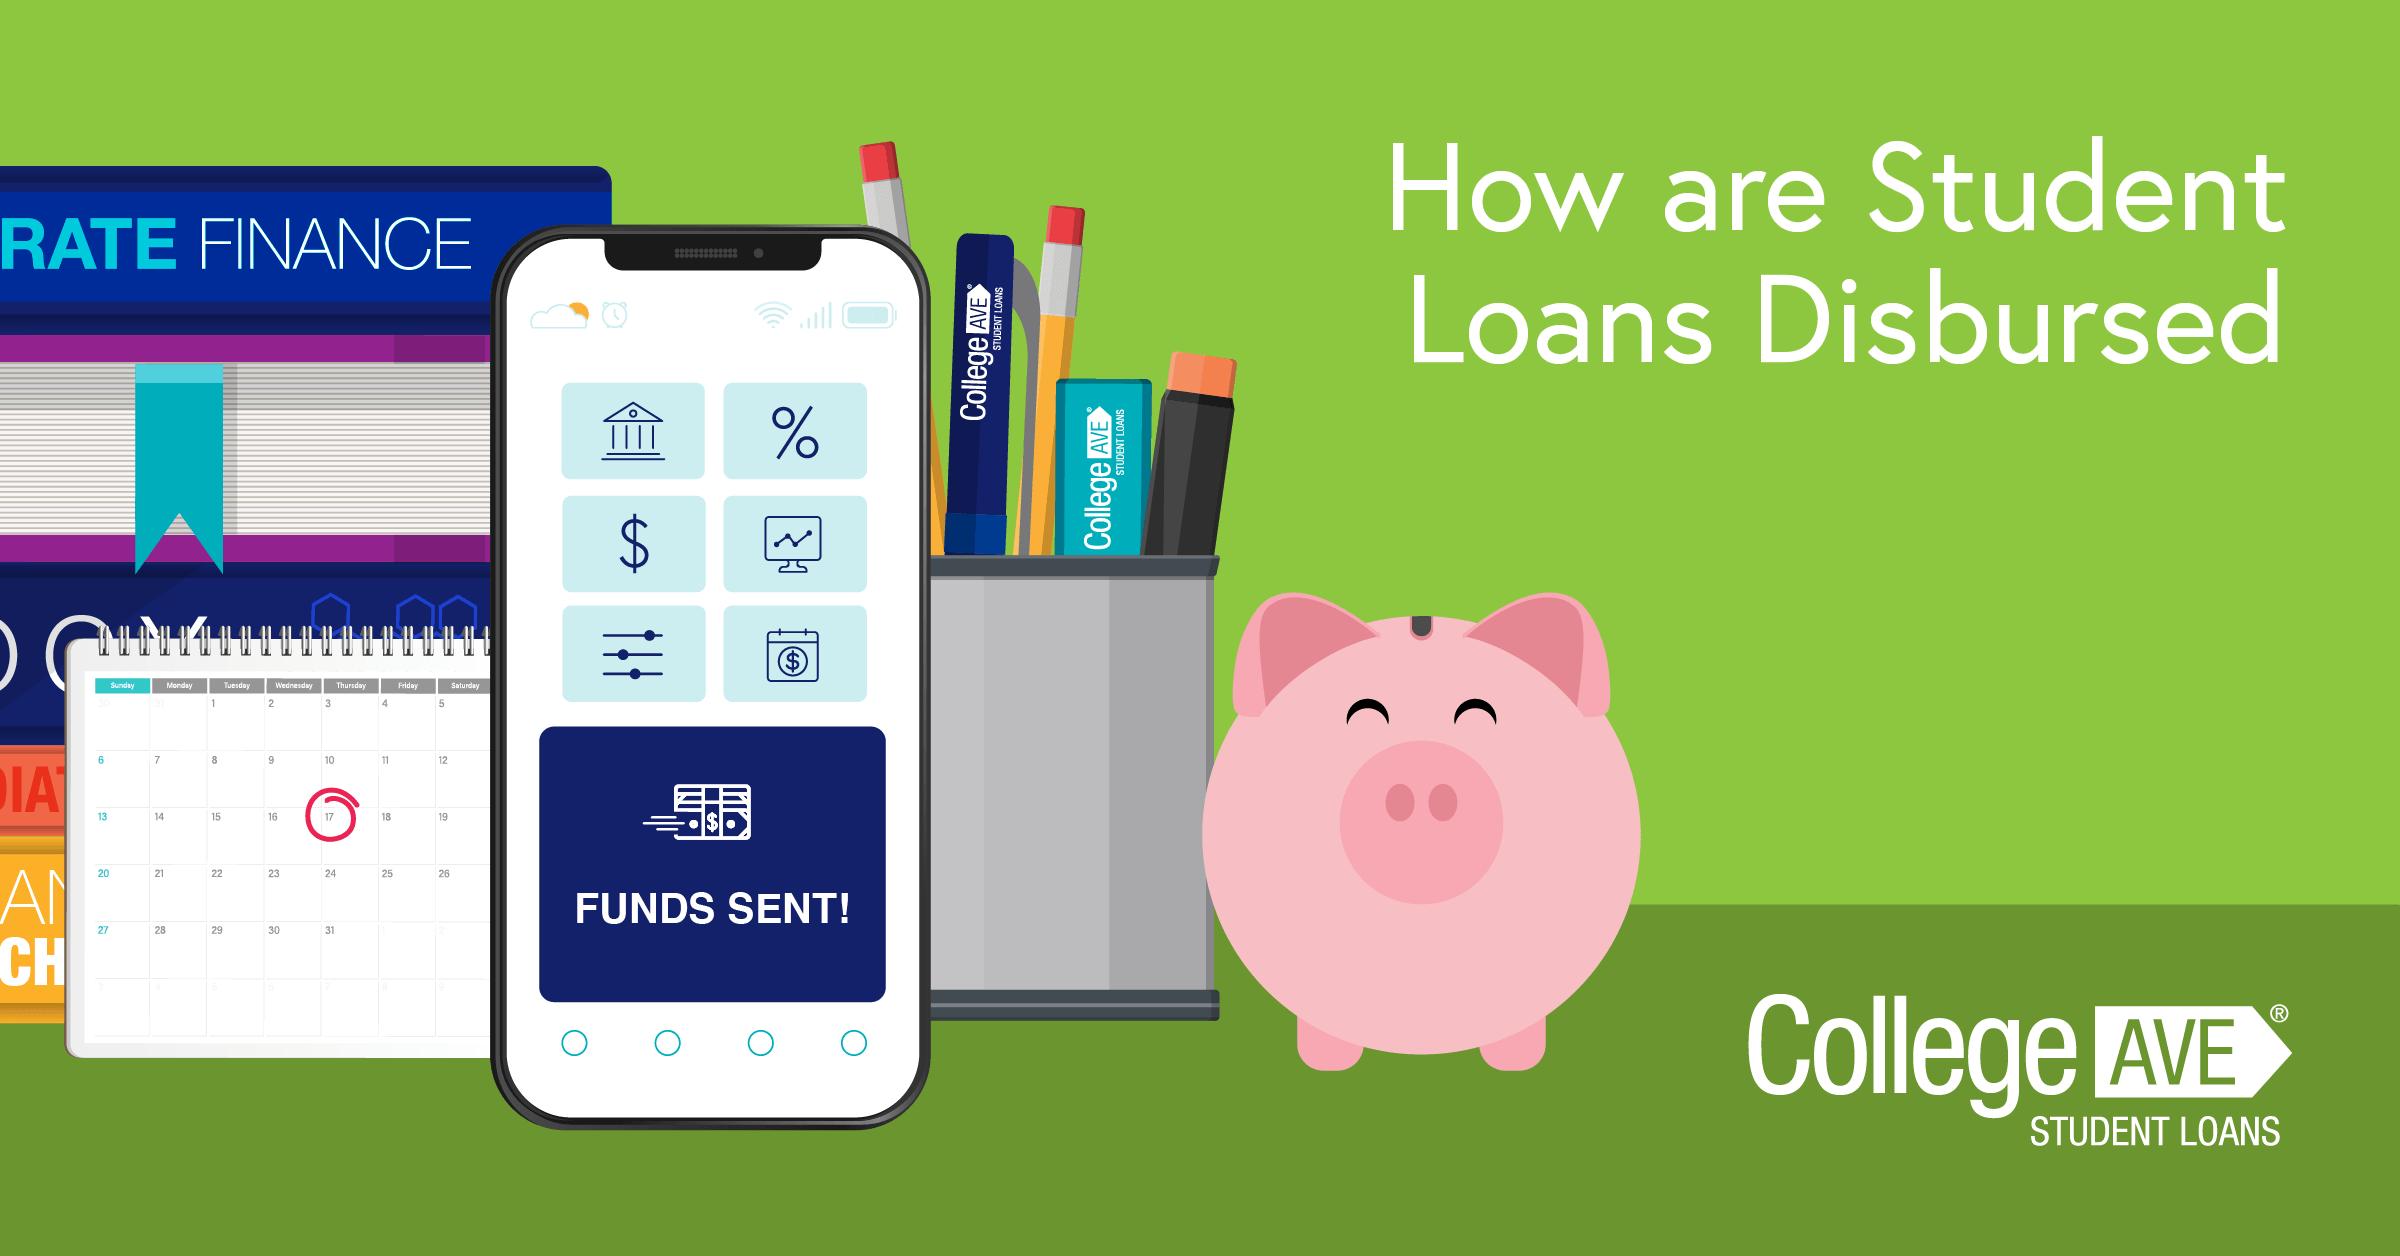 Comment les prêts étudiants sont-ils décaissés?